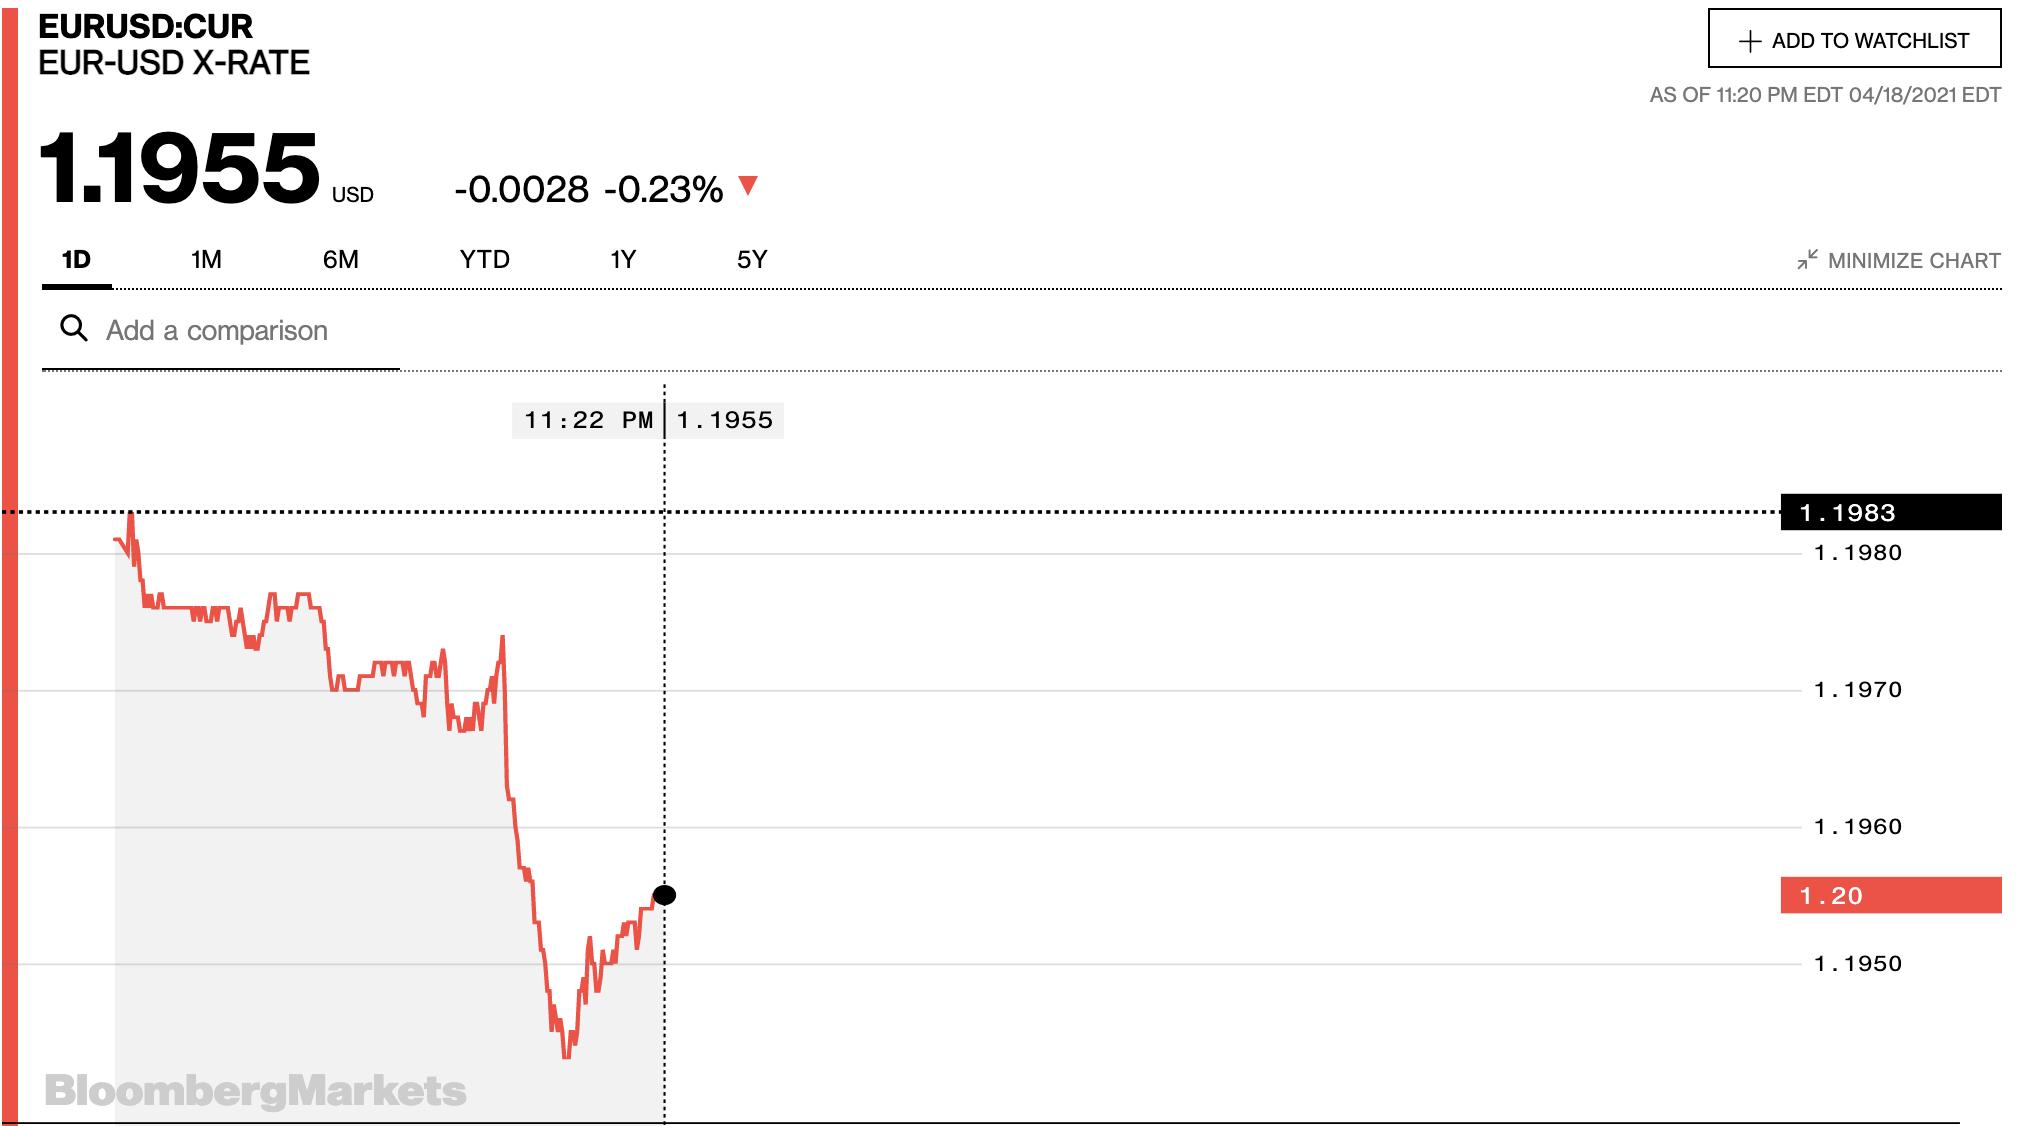 Tỷ giá euro hôm nay 19/4: Các ngân hàng trong nước giảm trong phiên sáng đầu tuần - Ảnh 2.